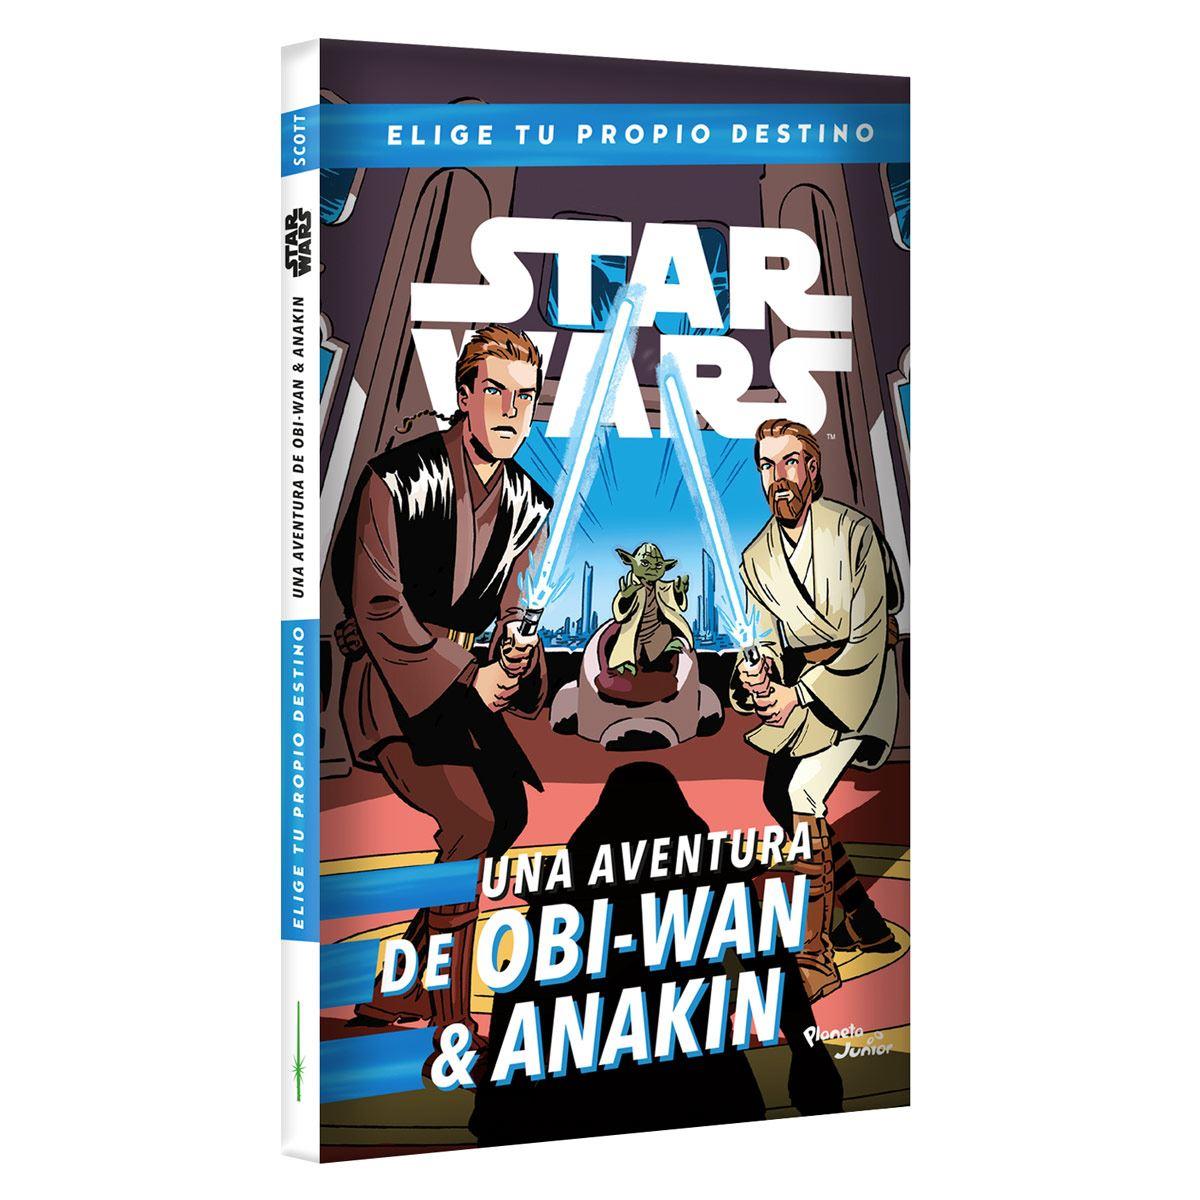 Star Wars. Una aventura de Obi-Wan & Anakin. Elige tu propio destino